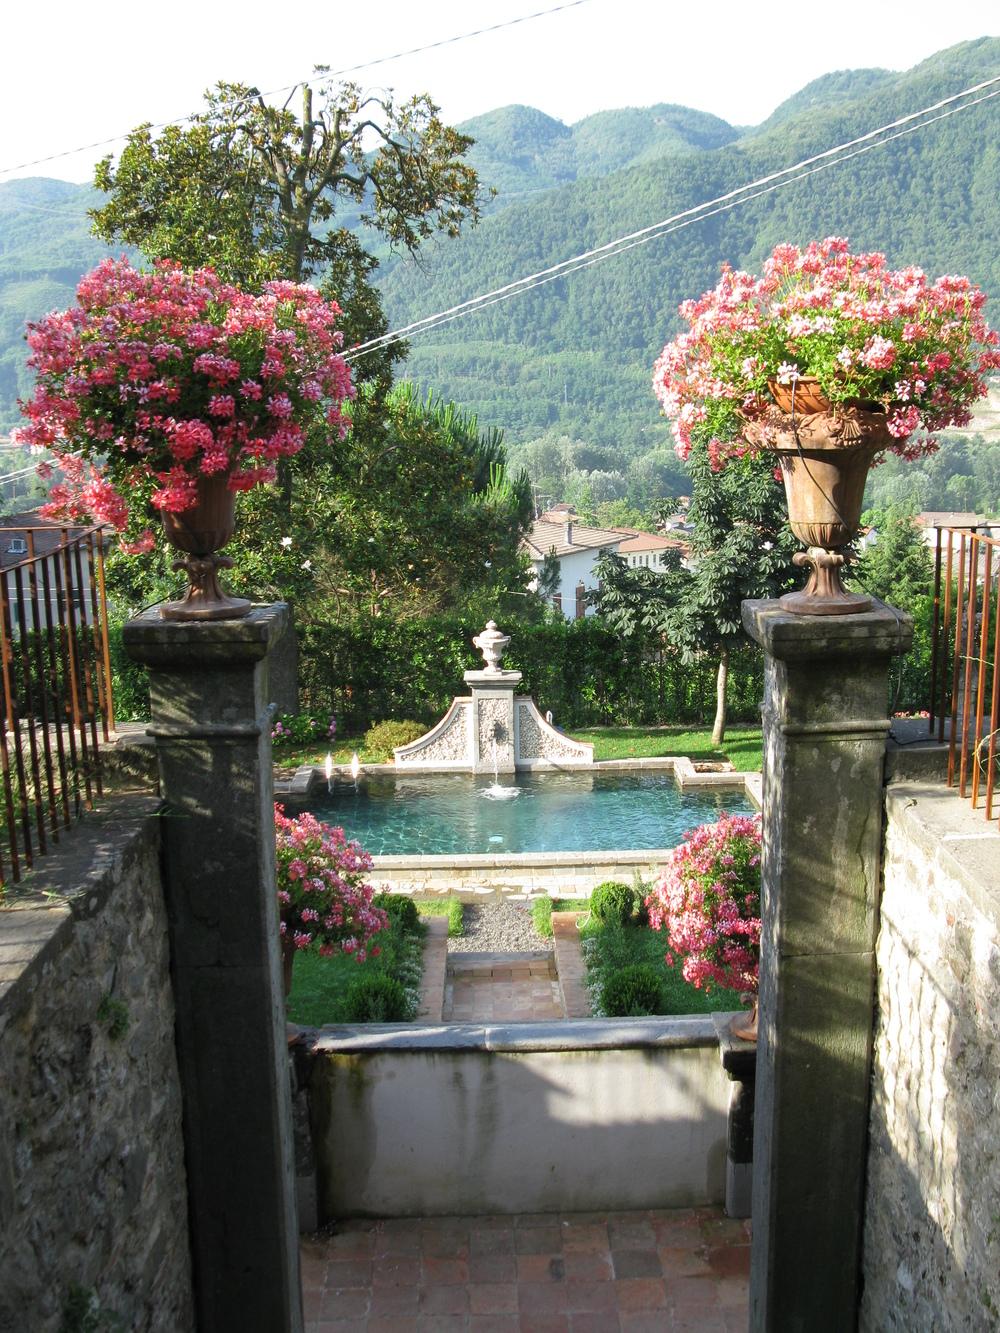 foto giardino nuove 053.jpg